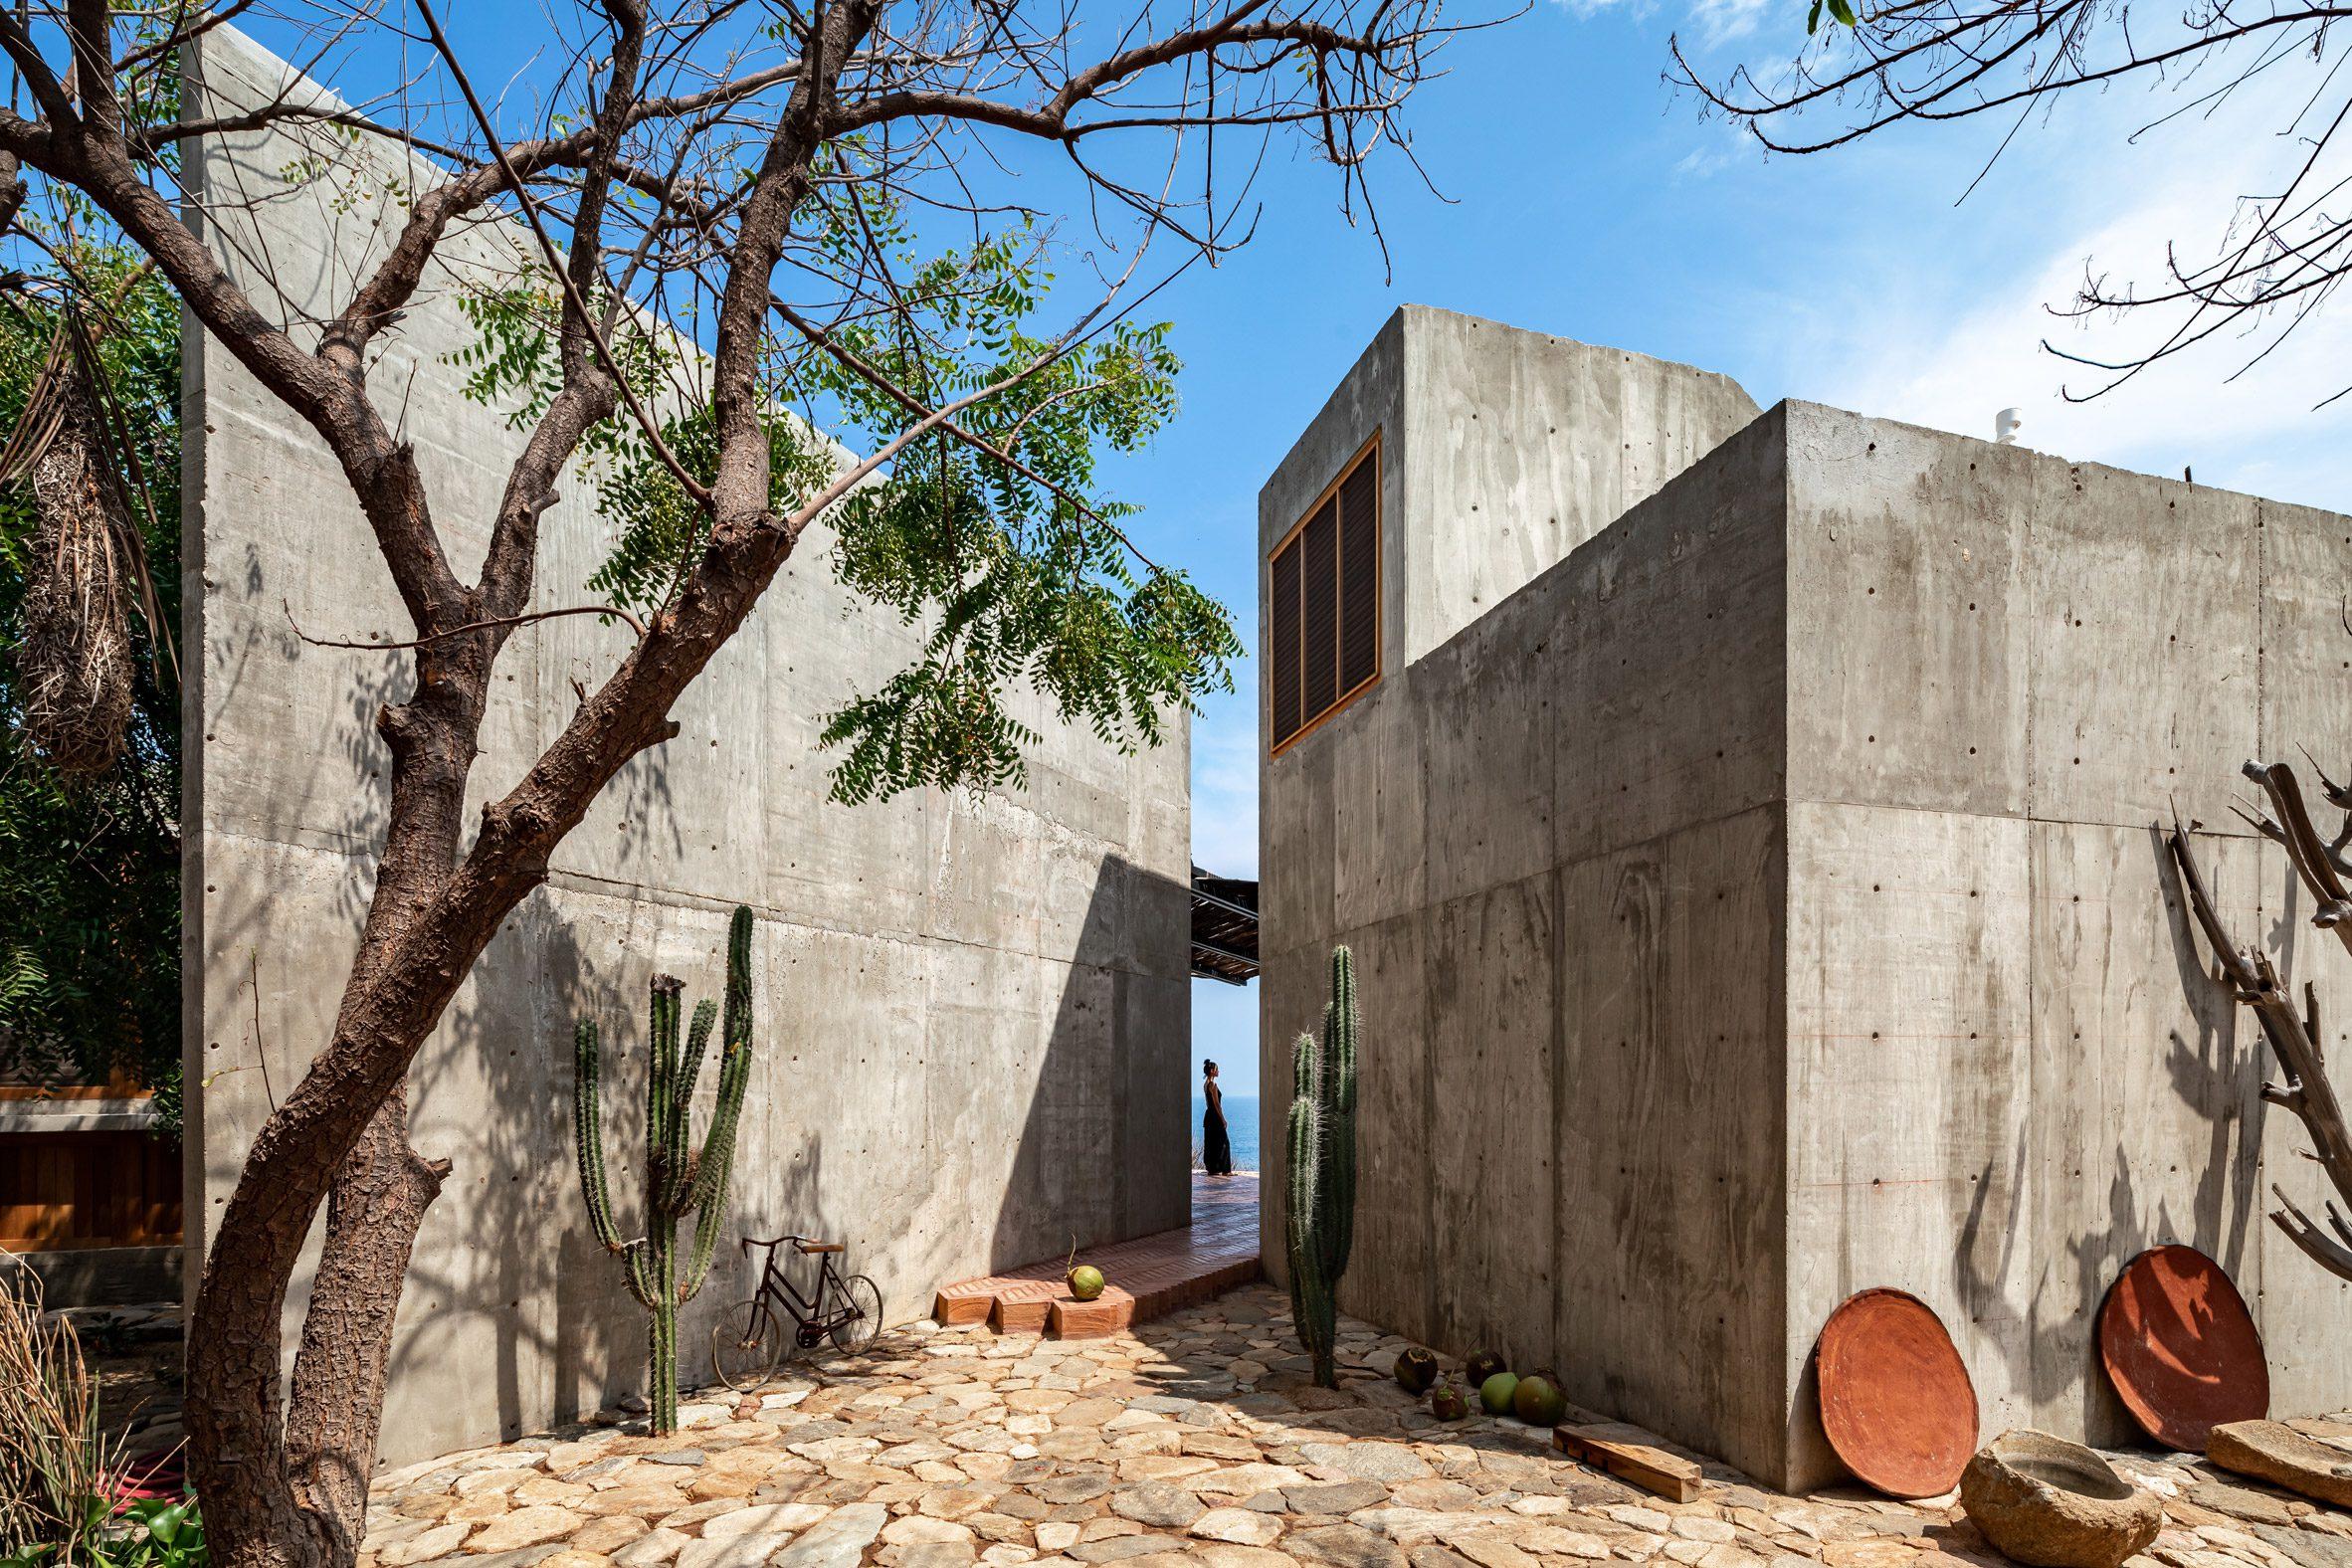 Casa del Sapo is a grey, concrete house